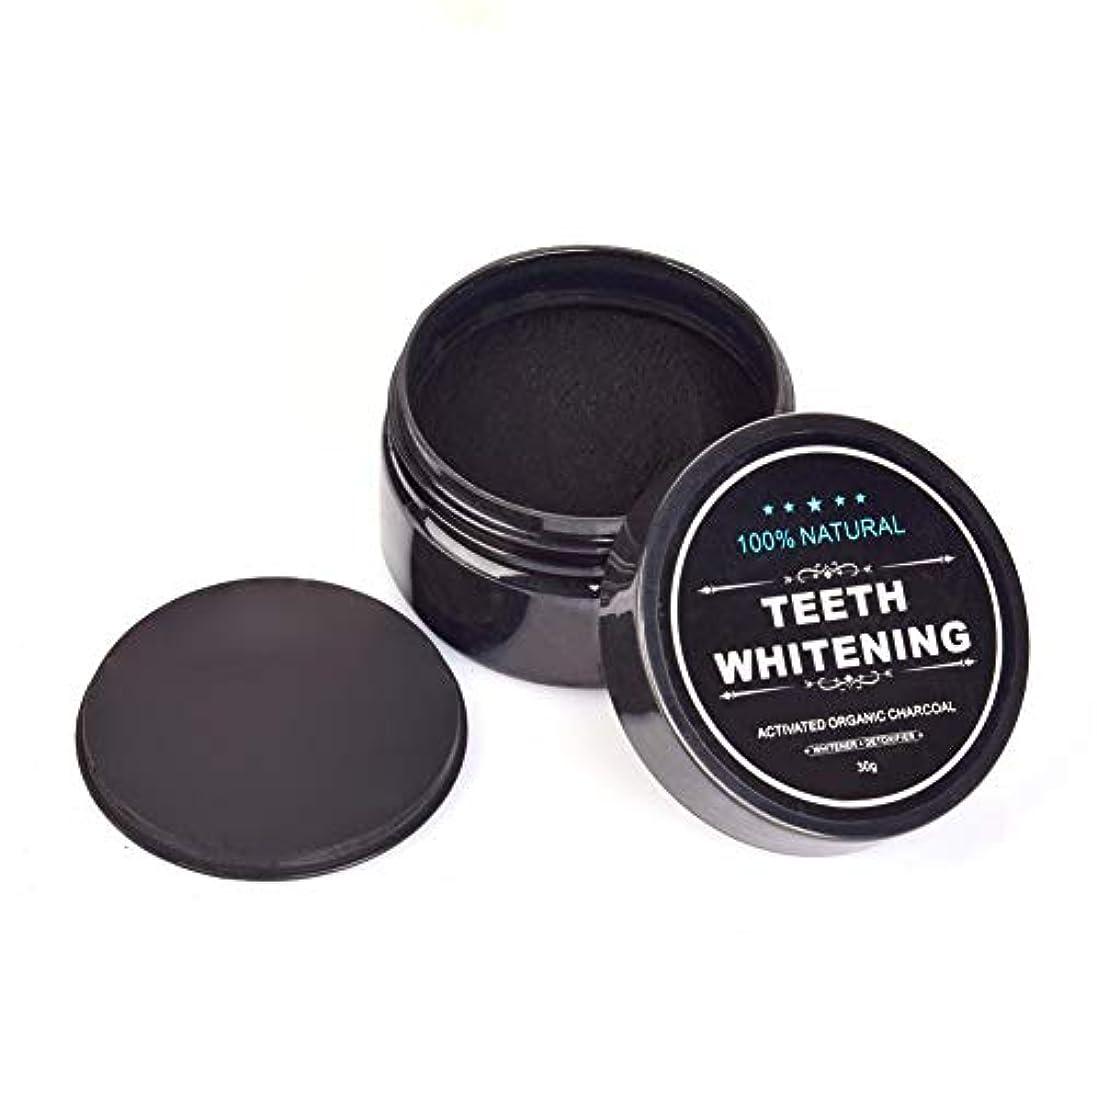 傾く石灰岩深さSILUN チャコールホワイトニング 歯 ホワイトニング チャコール型 マイクロパウダー 歯 ホワイトニング 食べれる活性炭 竹炭 歯を白くする歯磨き粉 活性炭パウダー